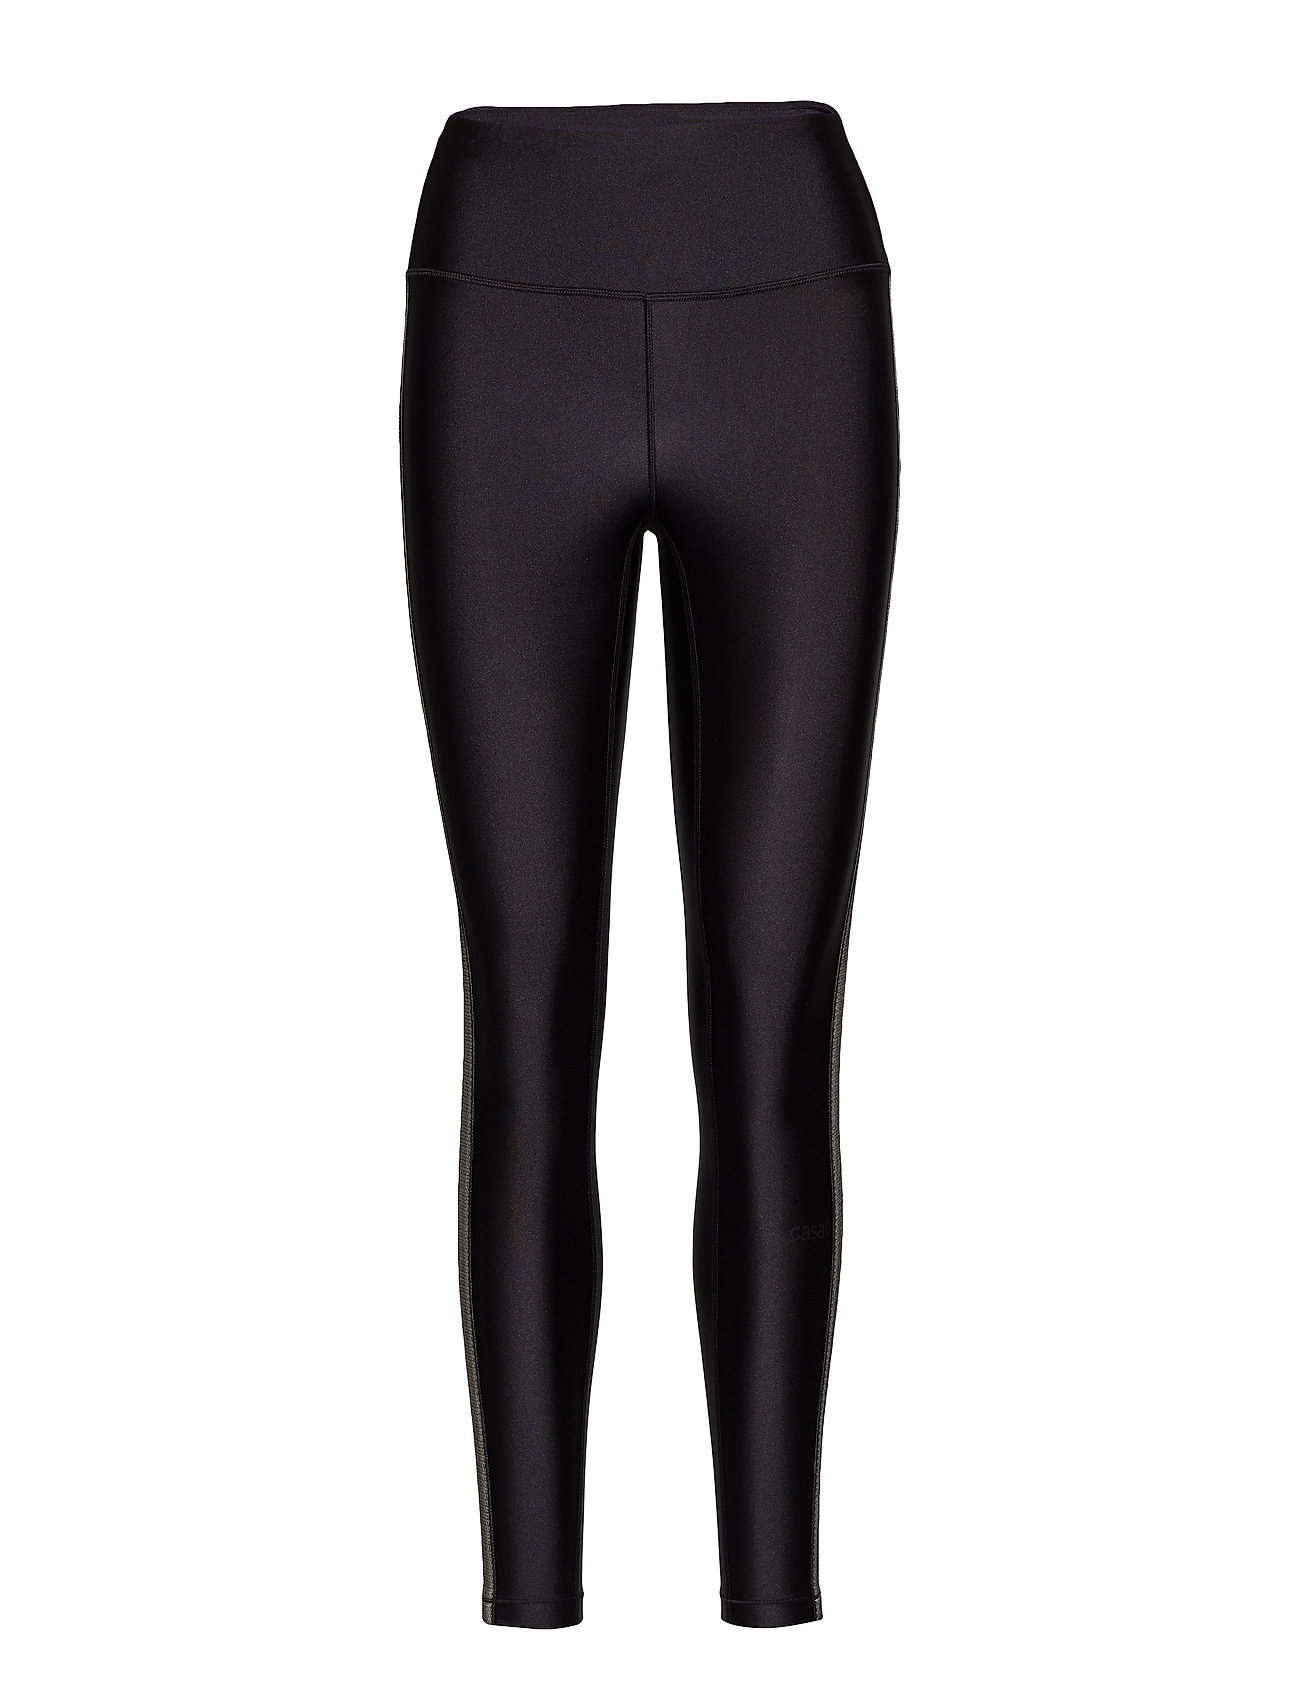 Casall Glam Leg Tights Leggings & tights